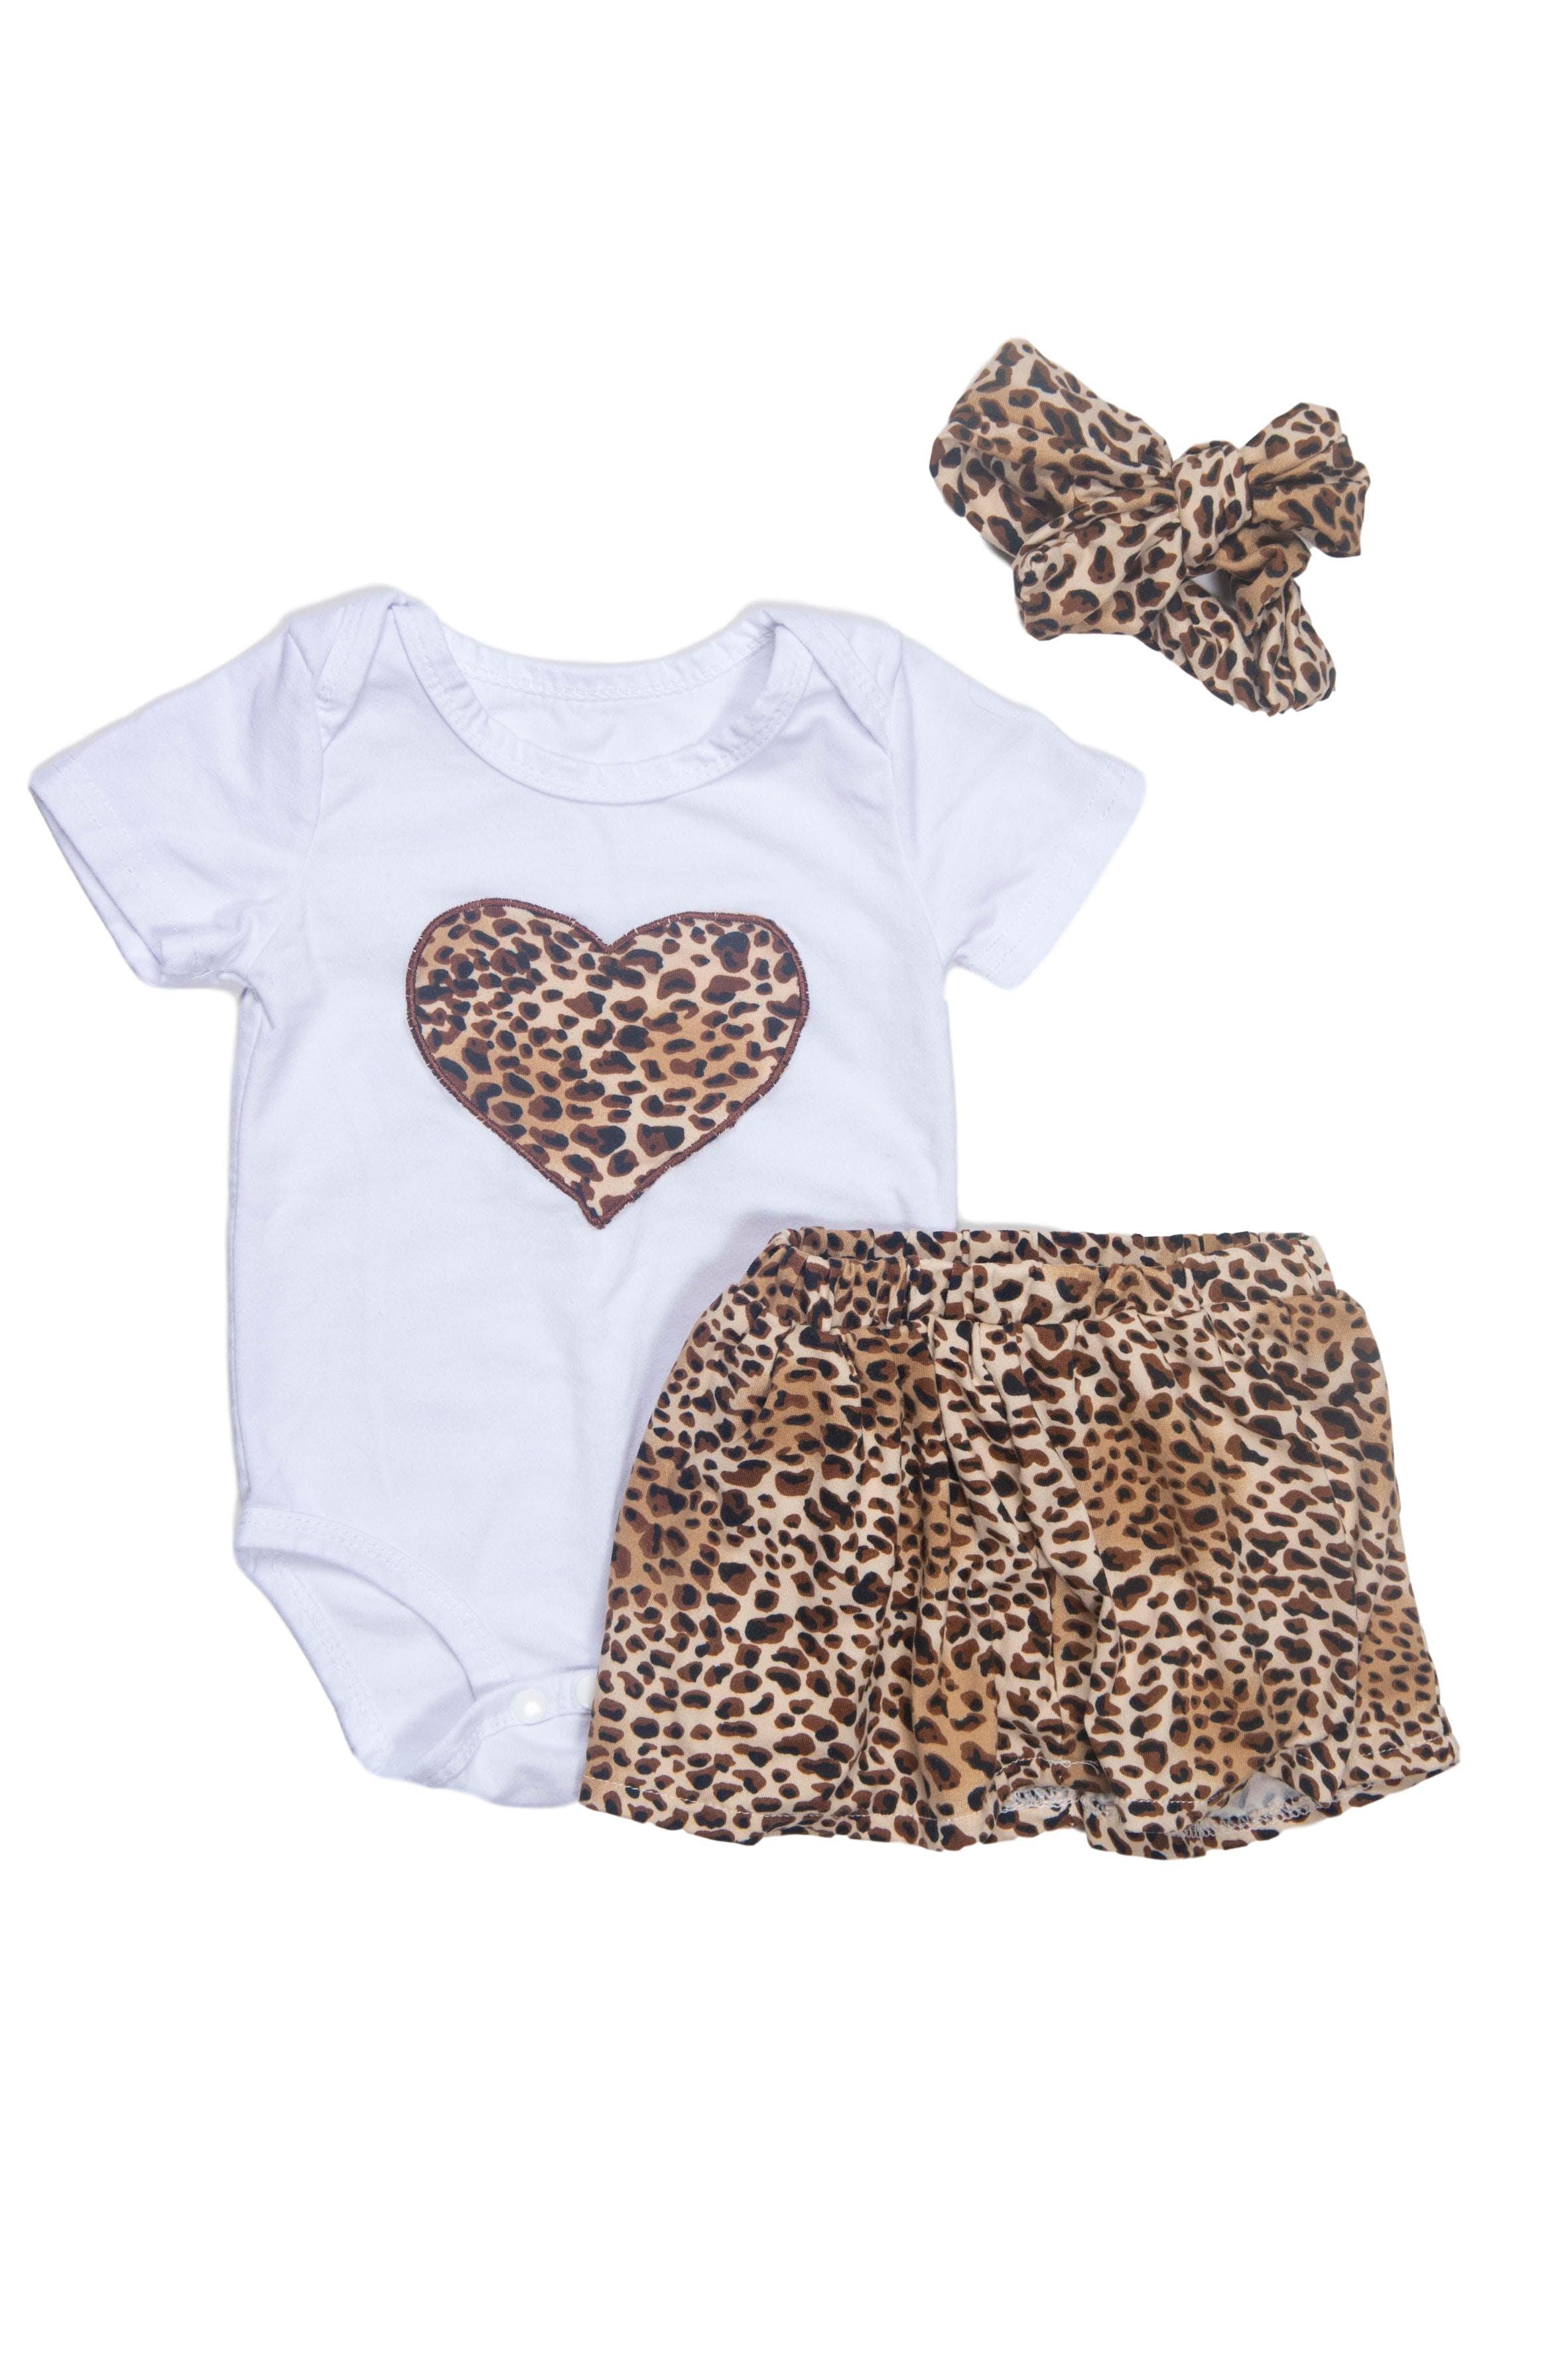 Body blanco con corazón animal print (8/10)y falda forrada animal print (10/10). Viene con vincha en juego. Todo 100% algodón. - Pat Pat